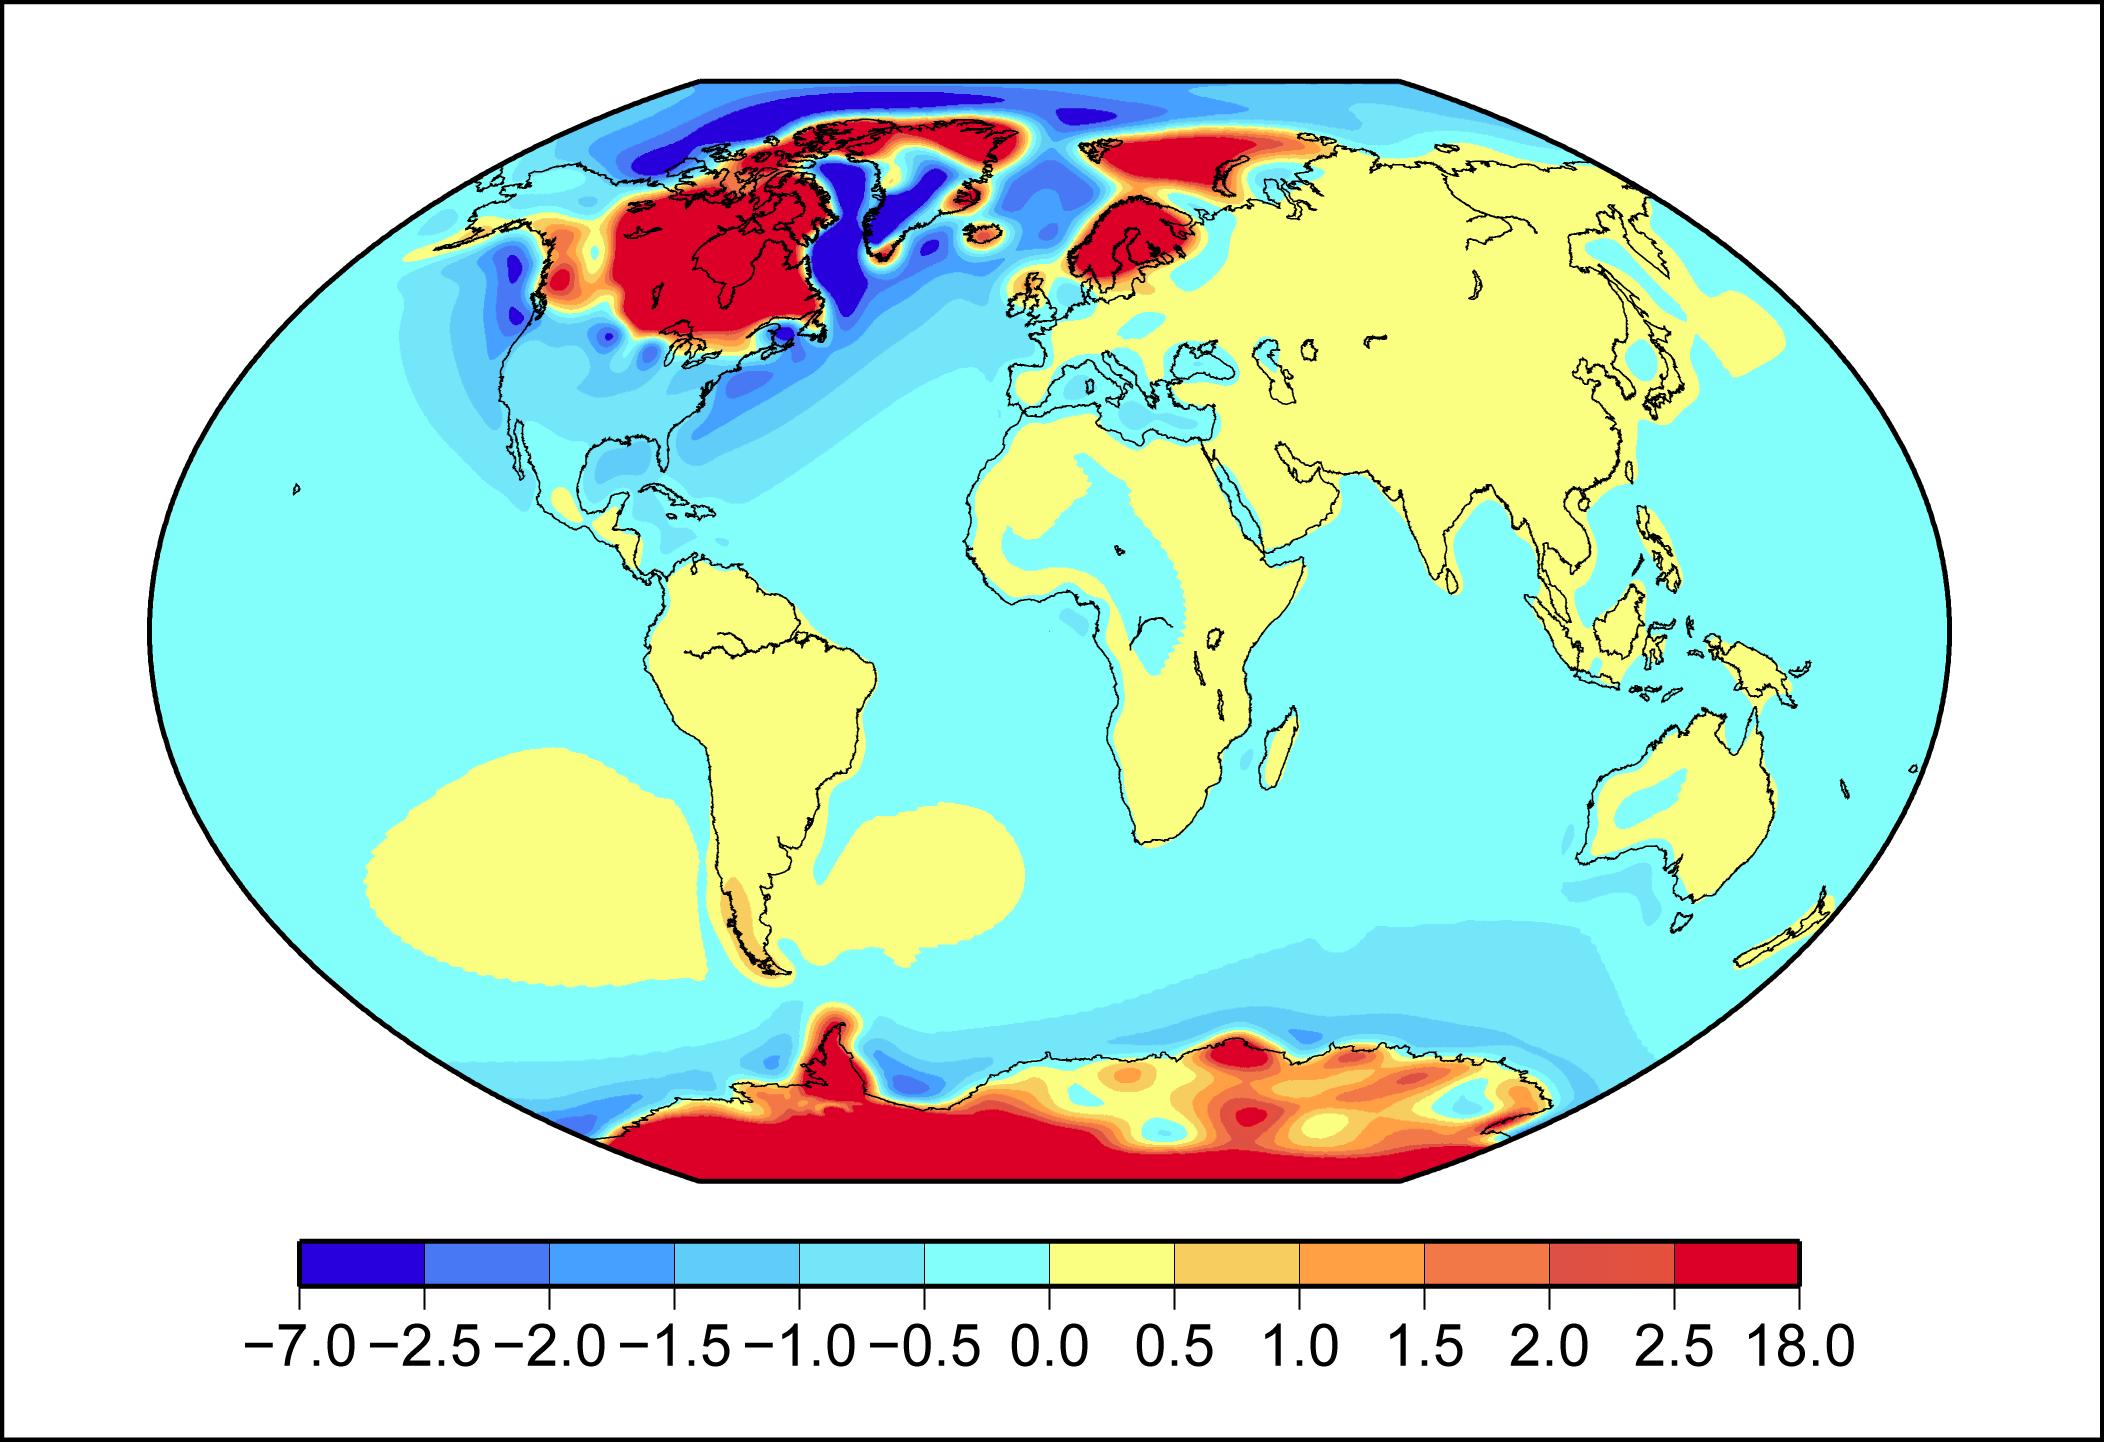 Postglacial rebound